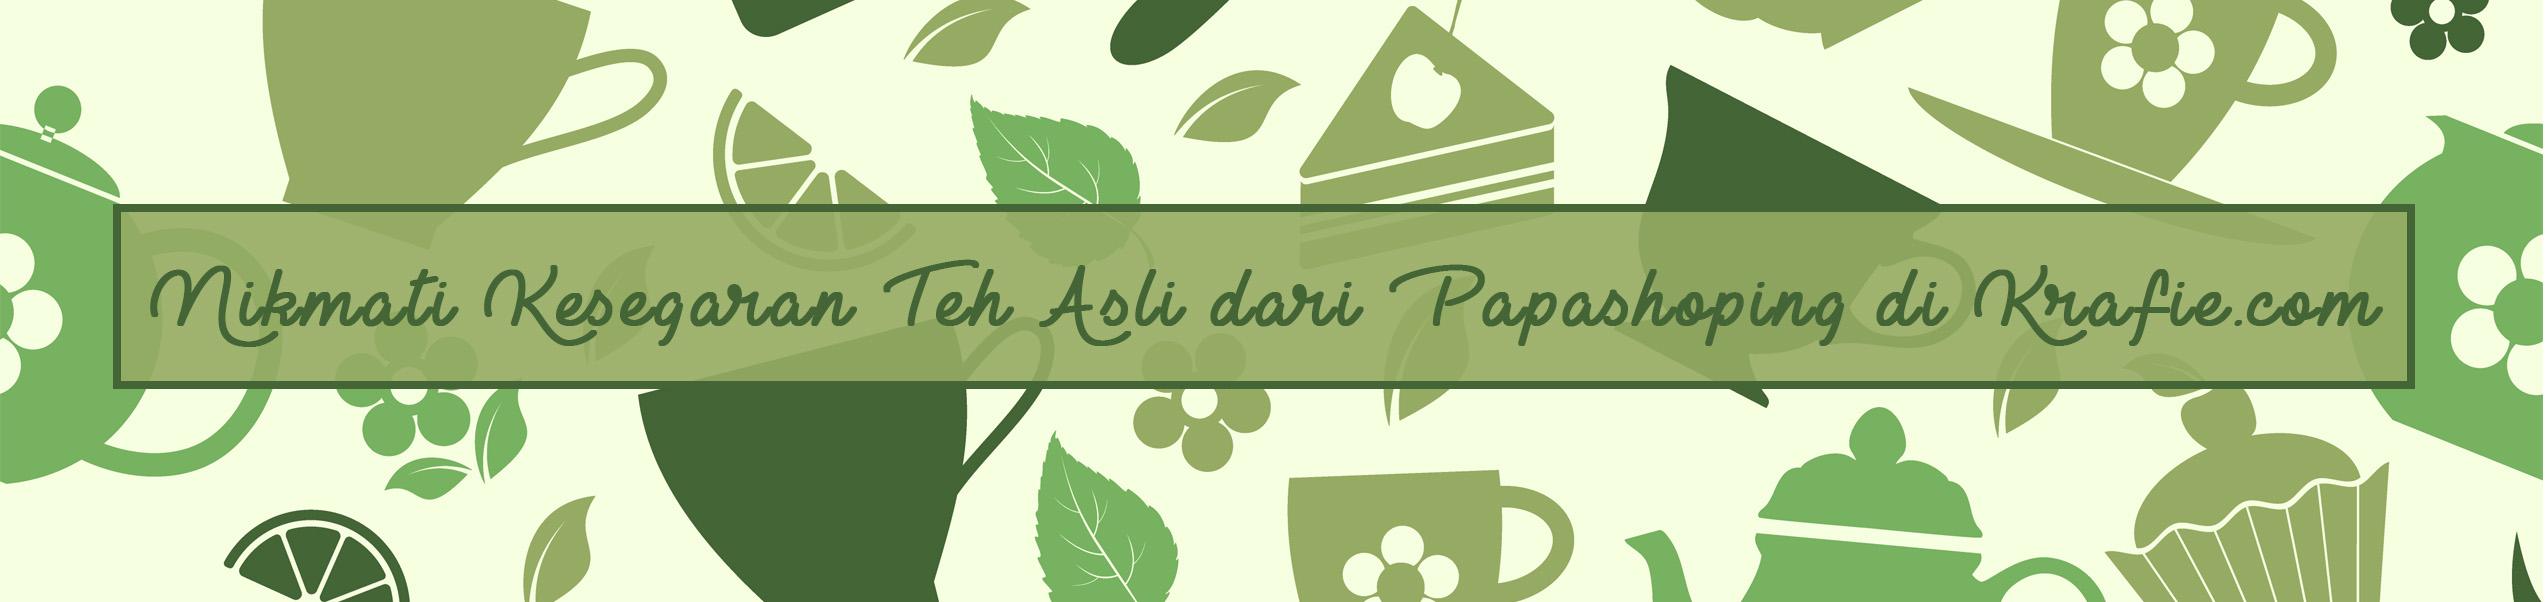 Teh papashoping slide banner web 1